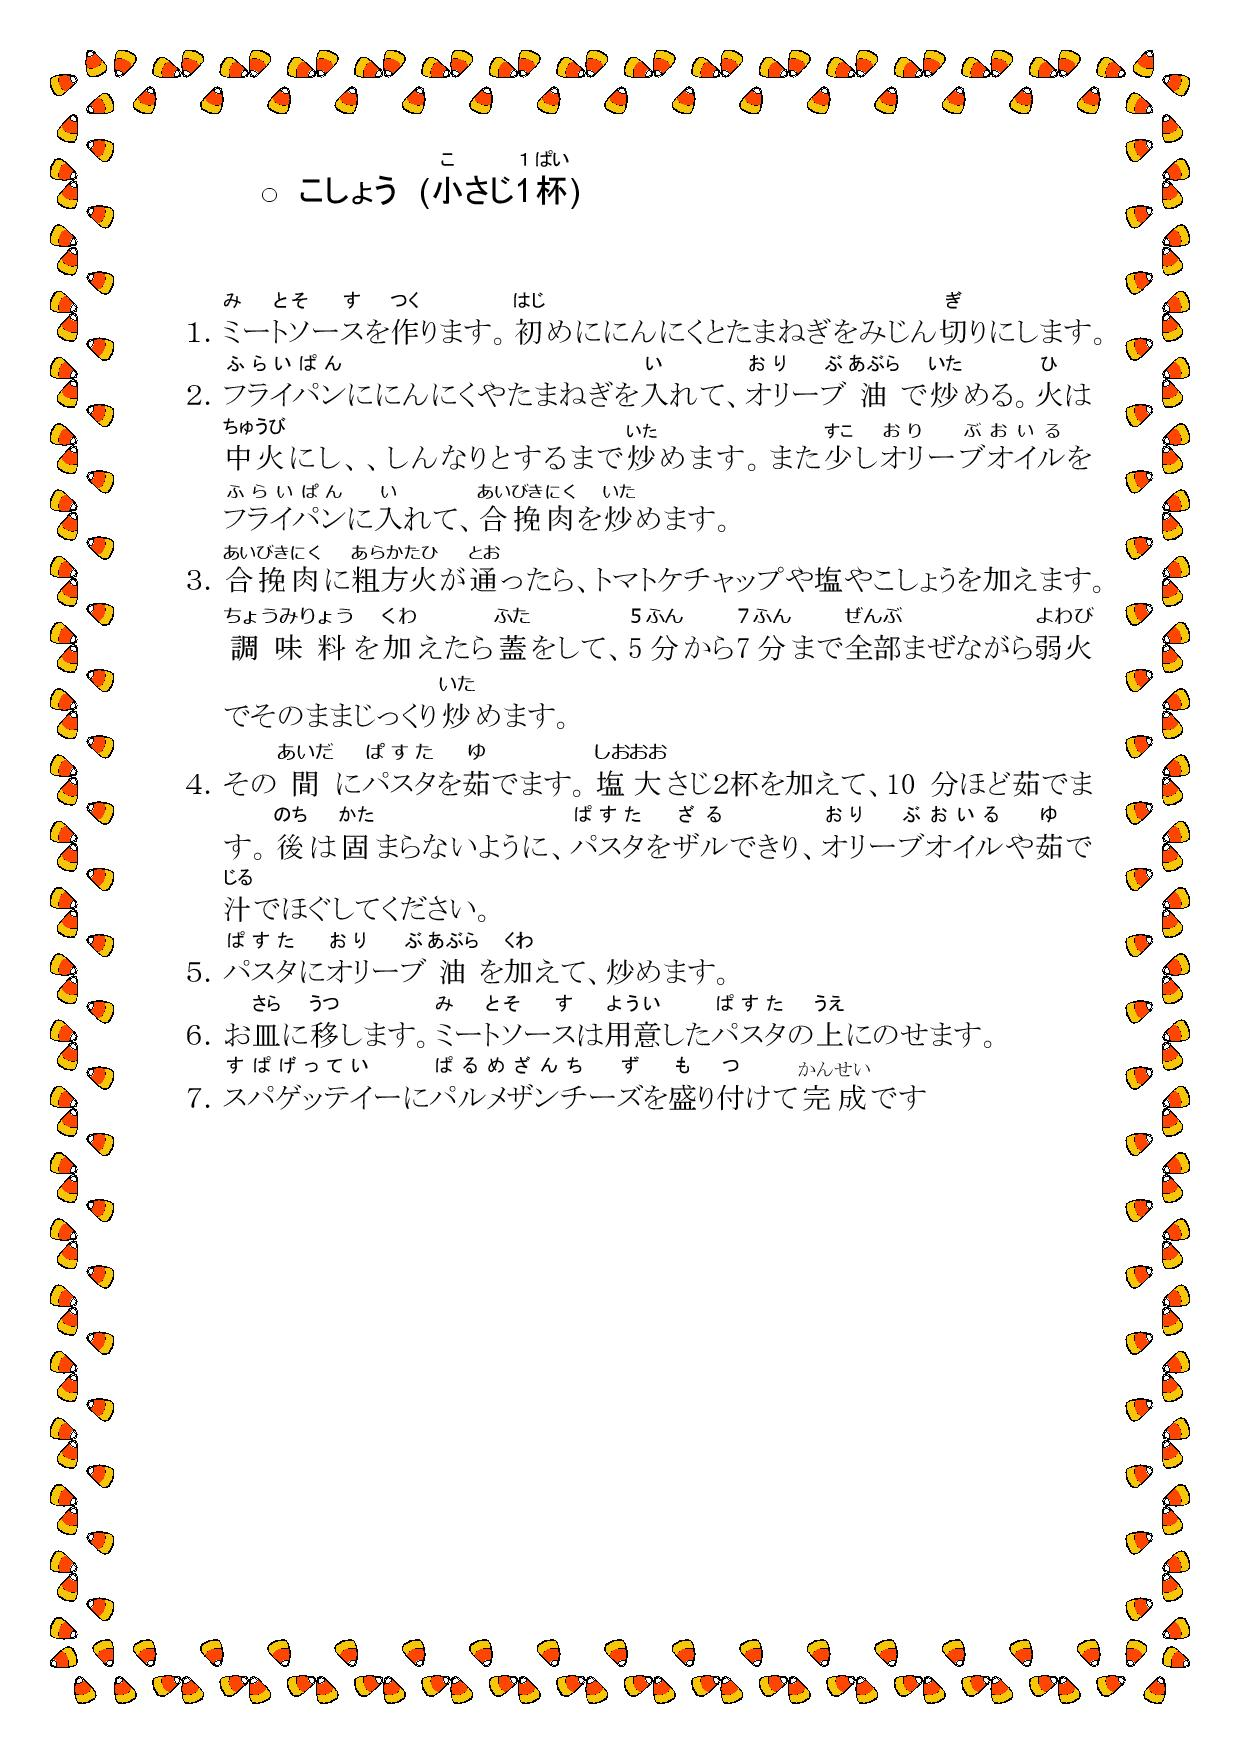 ミートソーススパゲティの作り方-page-002